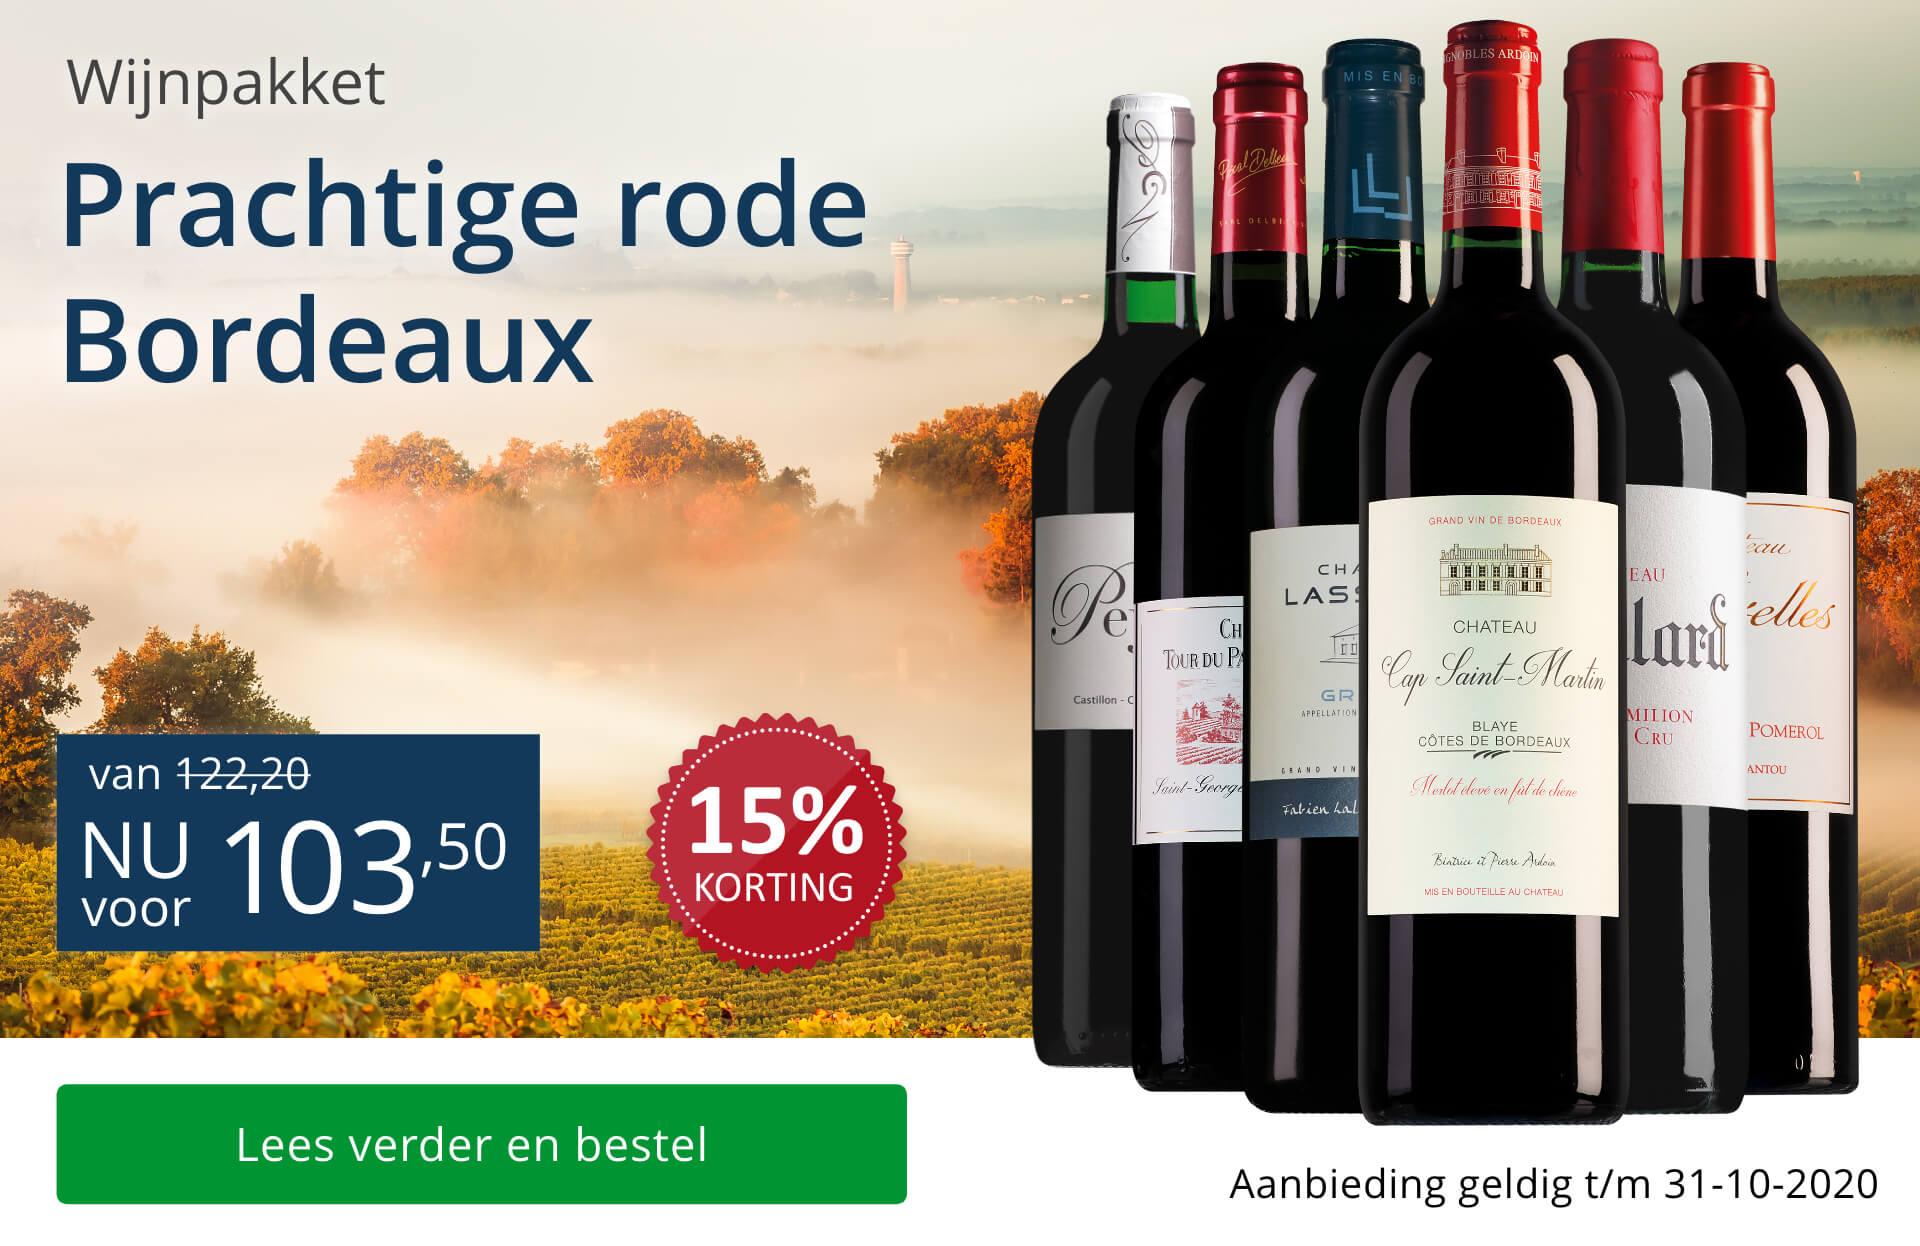 Wijnpakket rode Bordeaux (103,50) - blauw